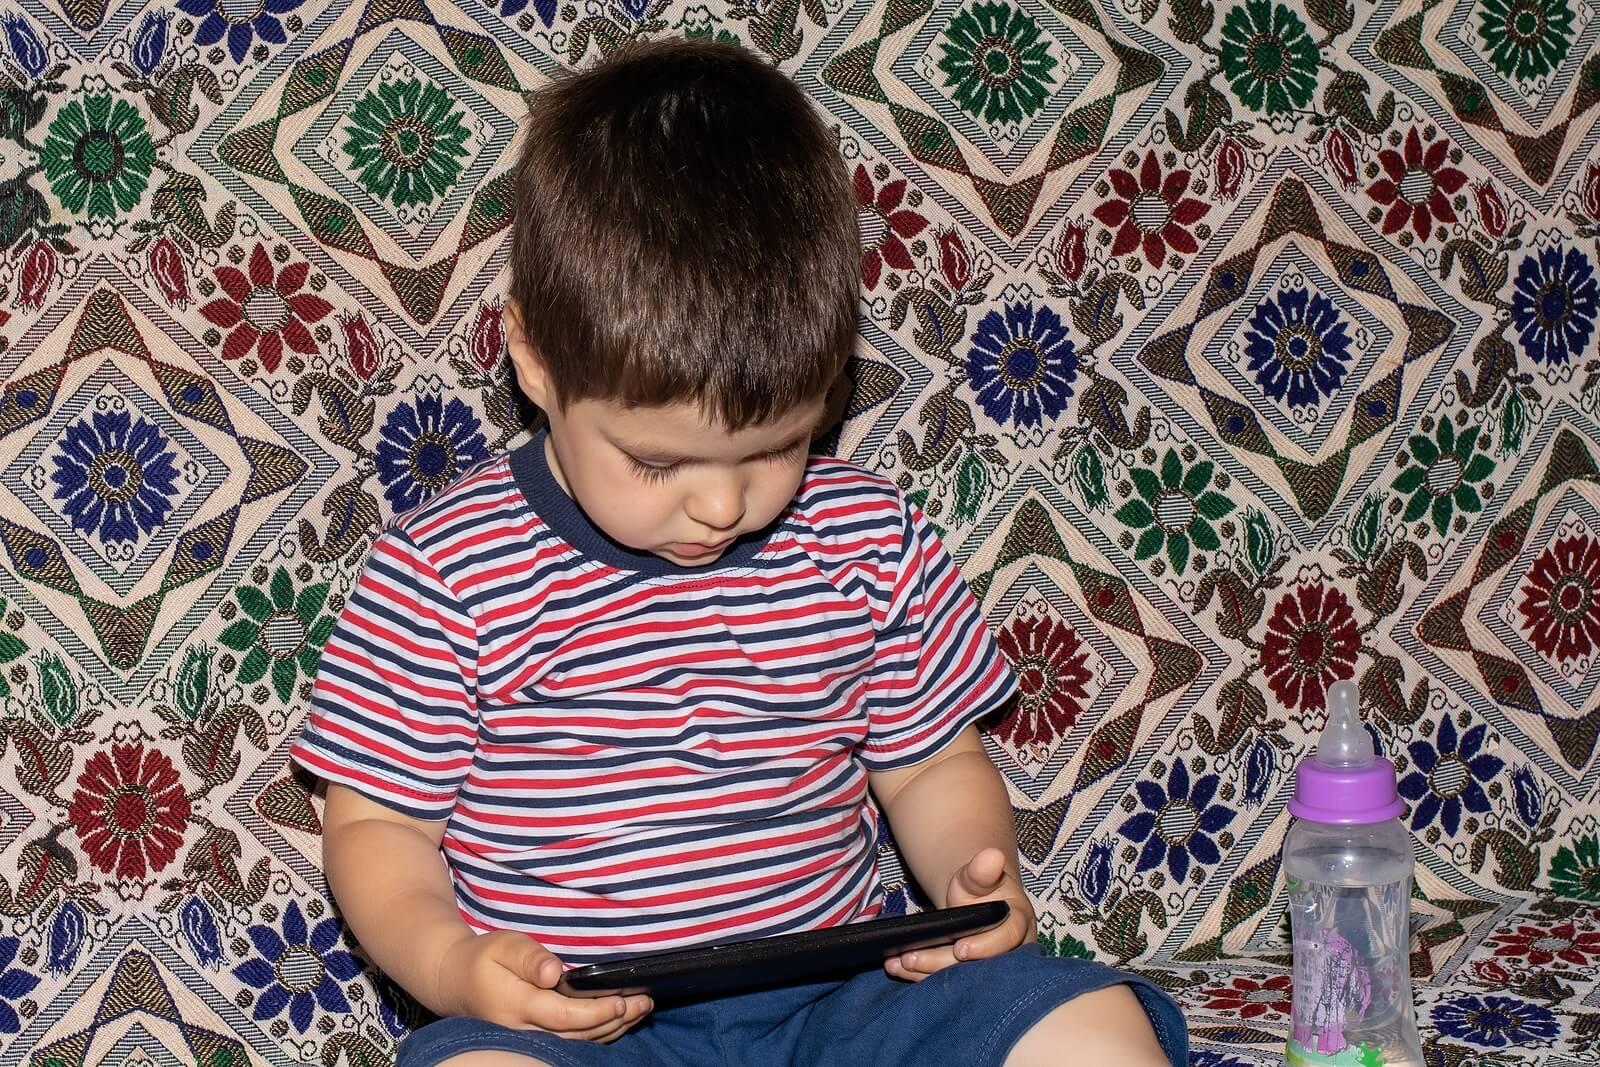 Niño viendo películas en el móvil porque es incapaz de desconectar de las pantallas.